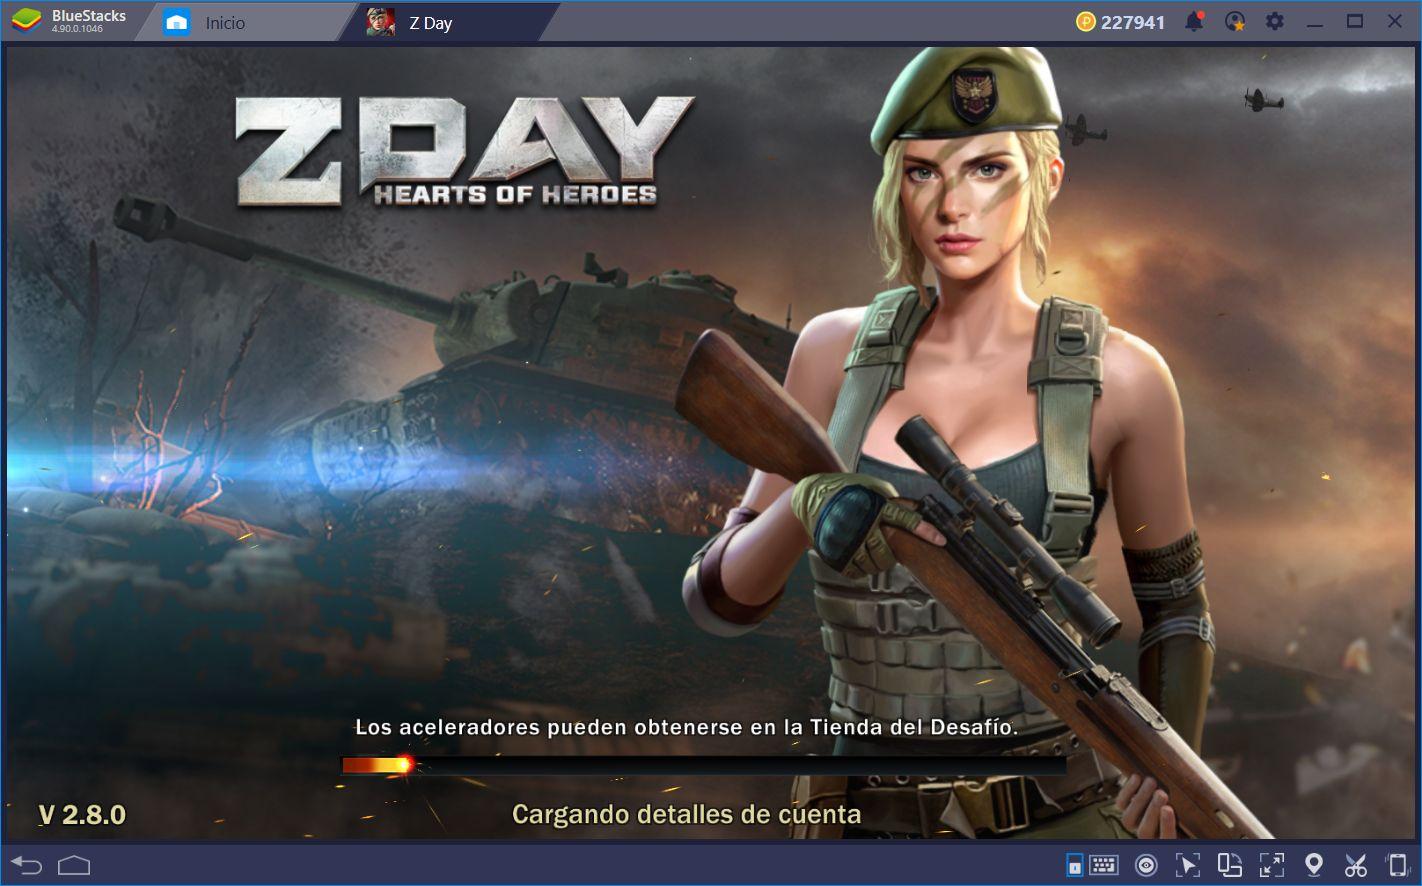 Día Z: Héroes de Guerra—El Juego de Conquista con Elementos Gacha